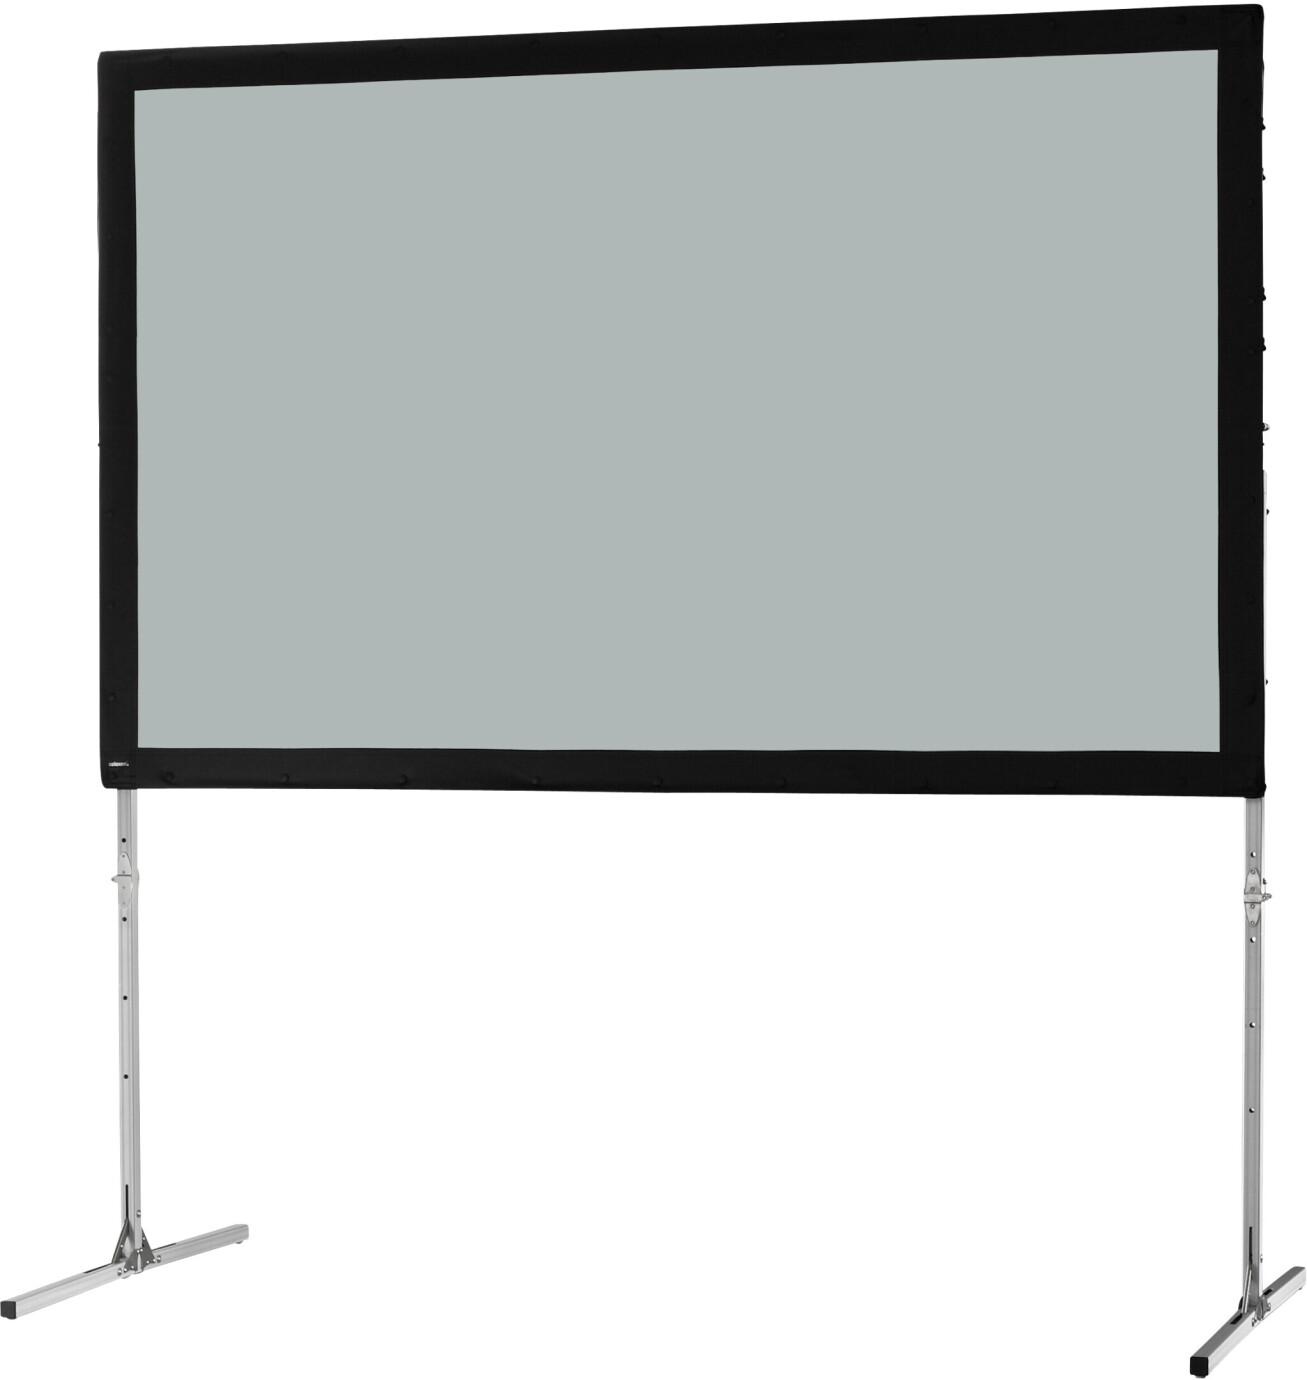 Pantalla con marco plegable Movil Expert de celexon 406 x 254 cm, retroproyección